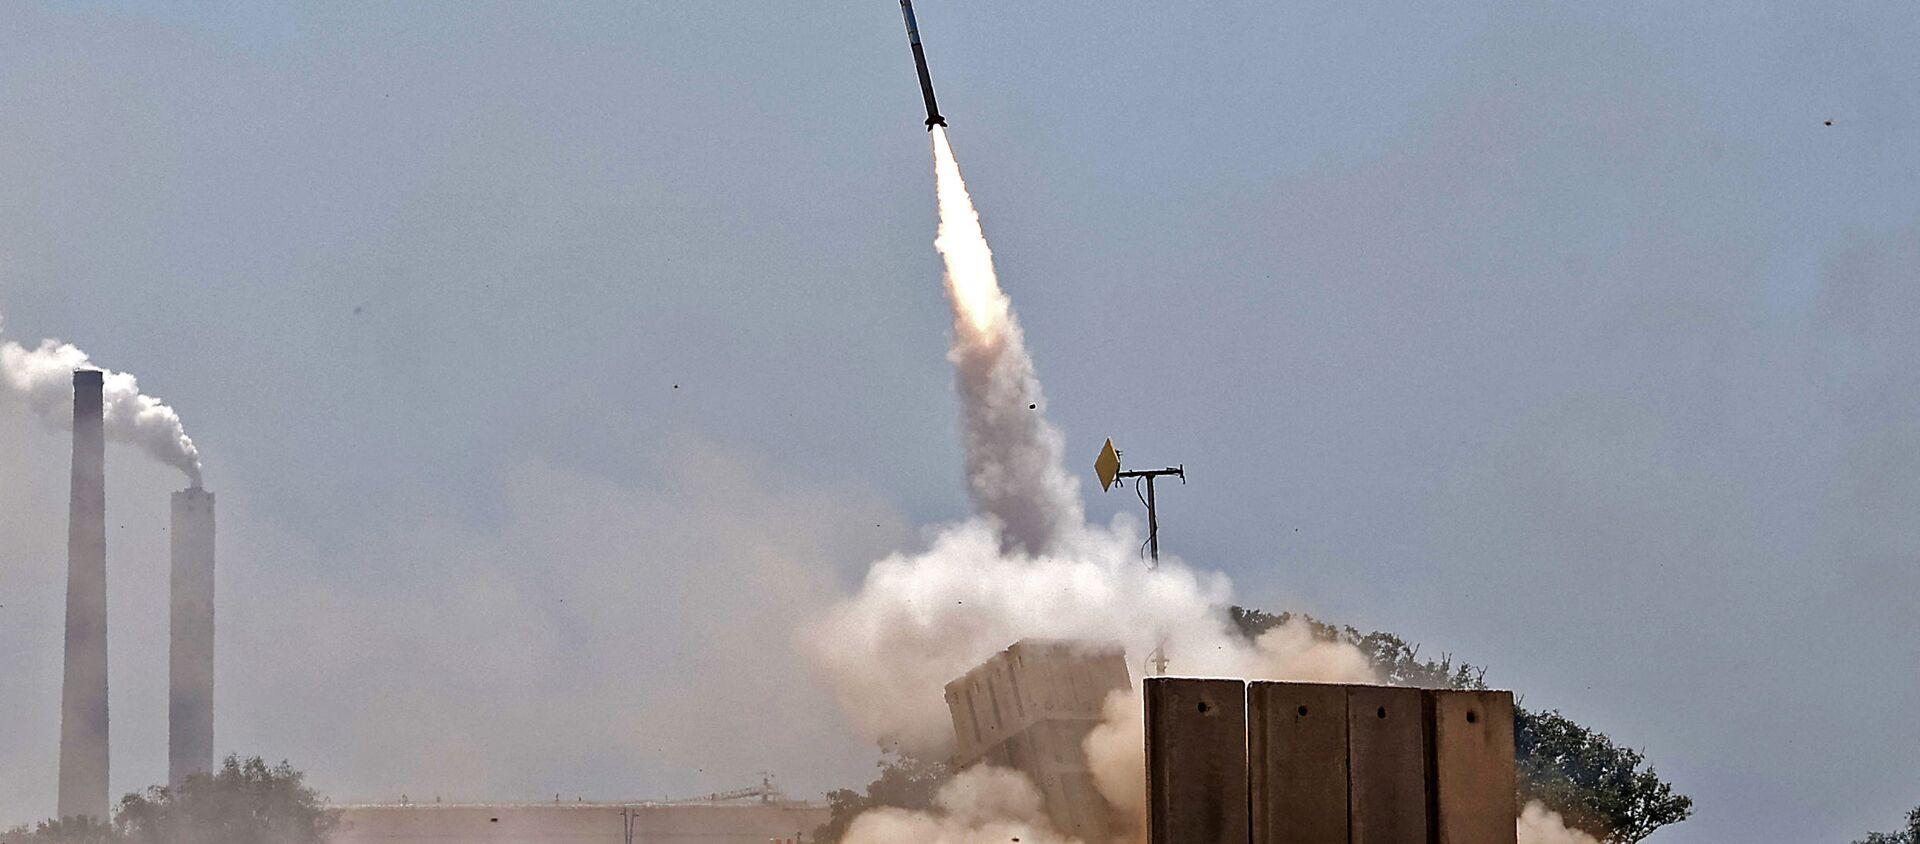 Израильская система противовоздушной обороны Железный купол перехватывает ракеты, запущенные из сектора Газа - Sputnik Беларусь, 1920, 13.05.2021